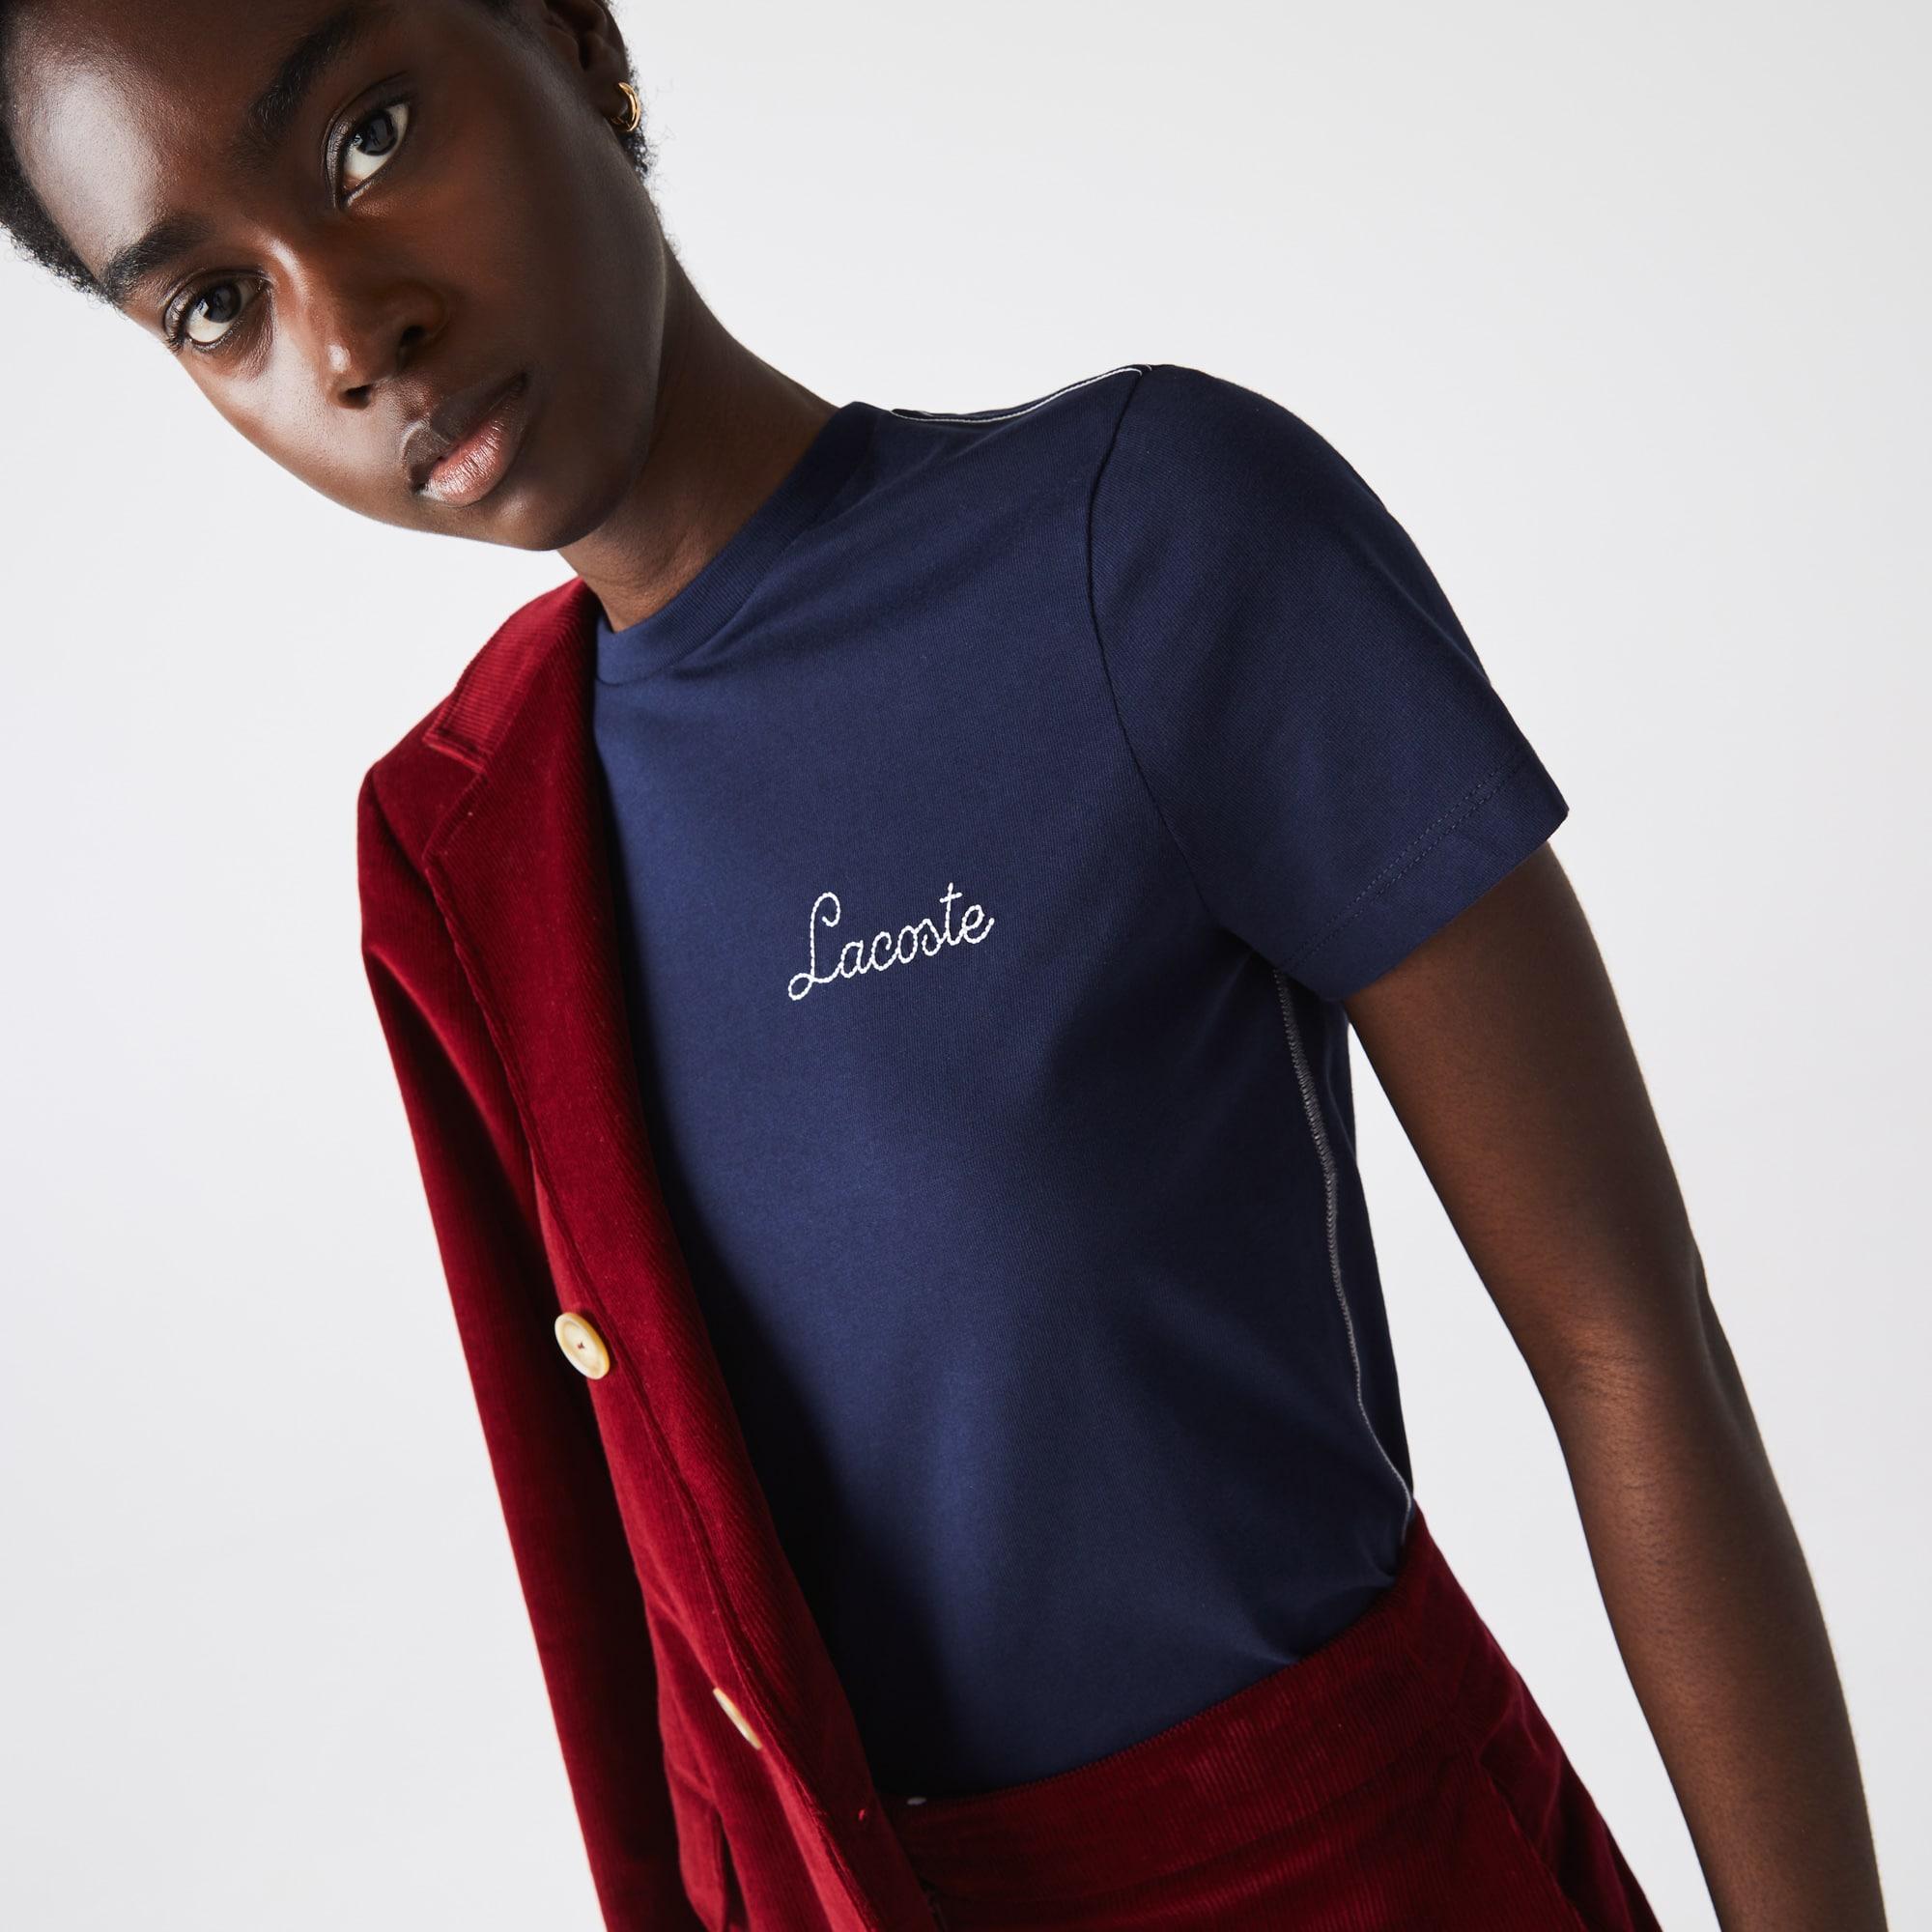 Lacoste T-shirt à col rond en coton avec signature brodée Taille 34 Bleu Marine/blanc